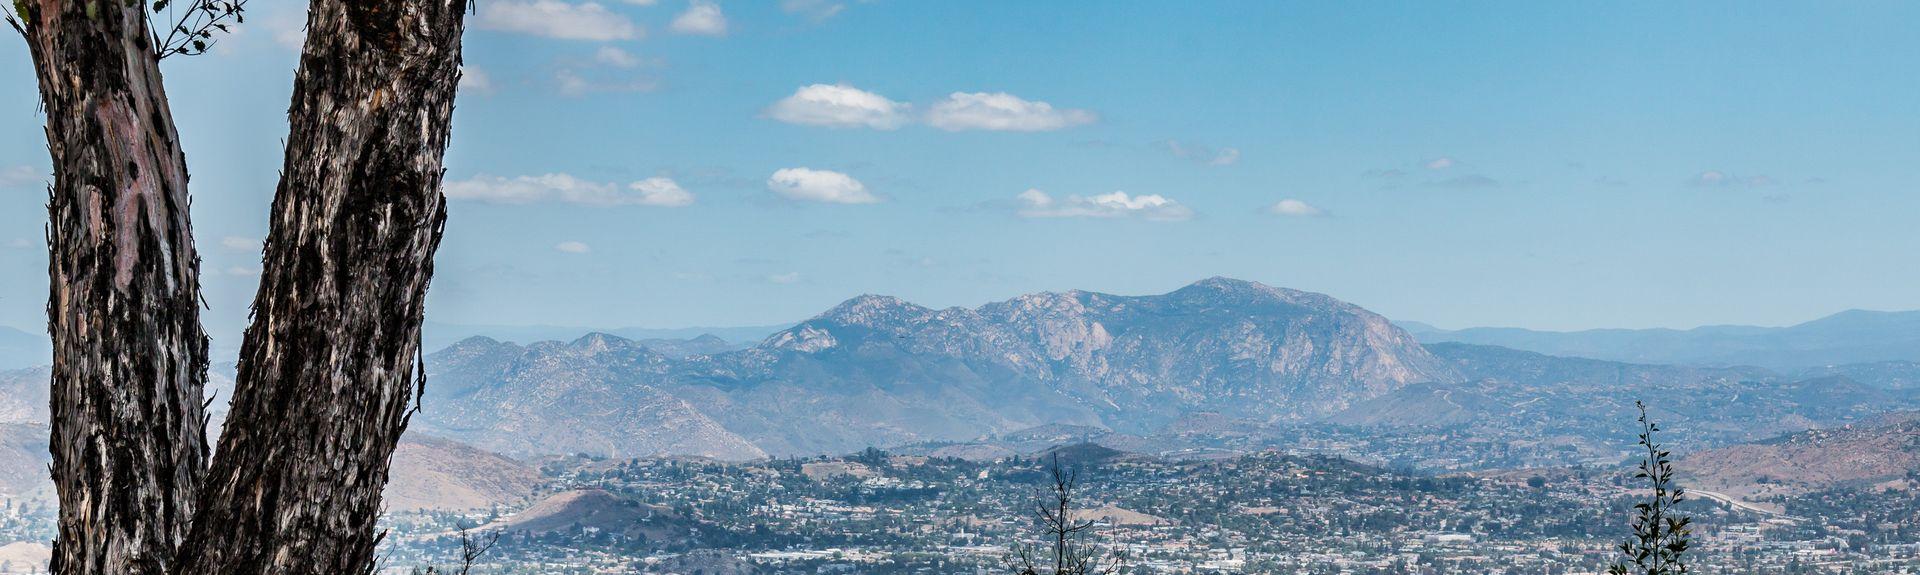 El Cajon, California, USA